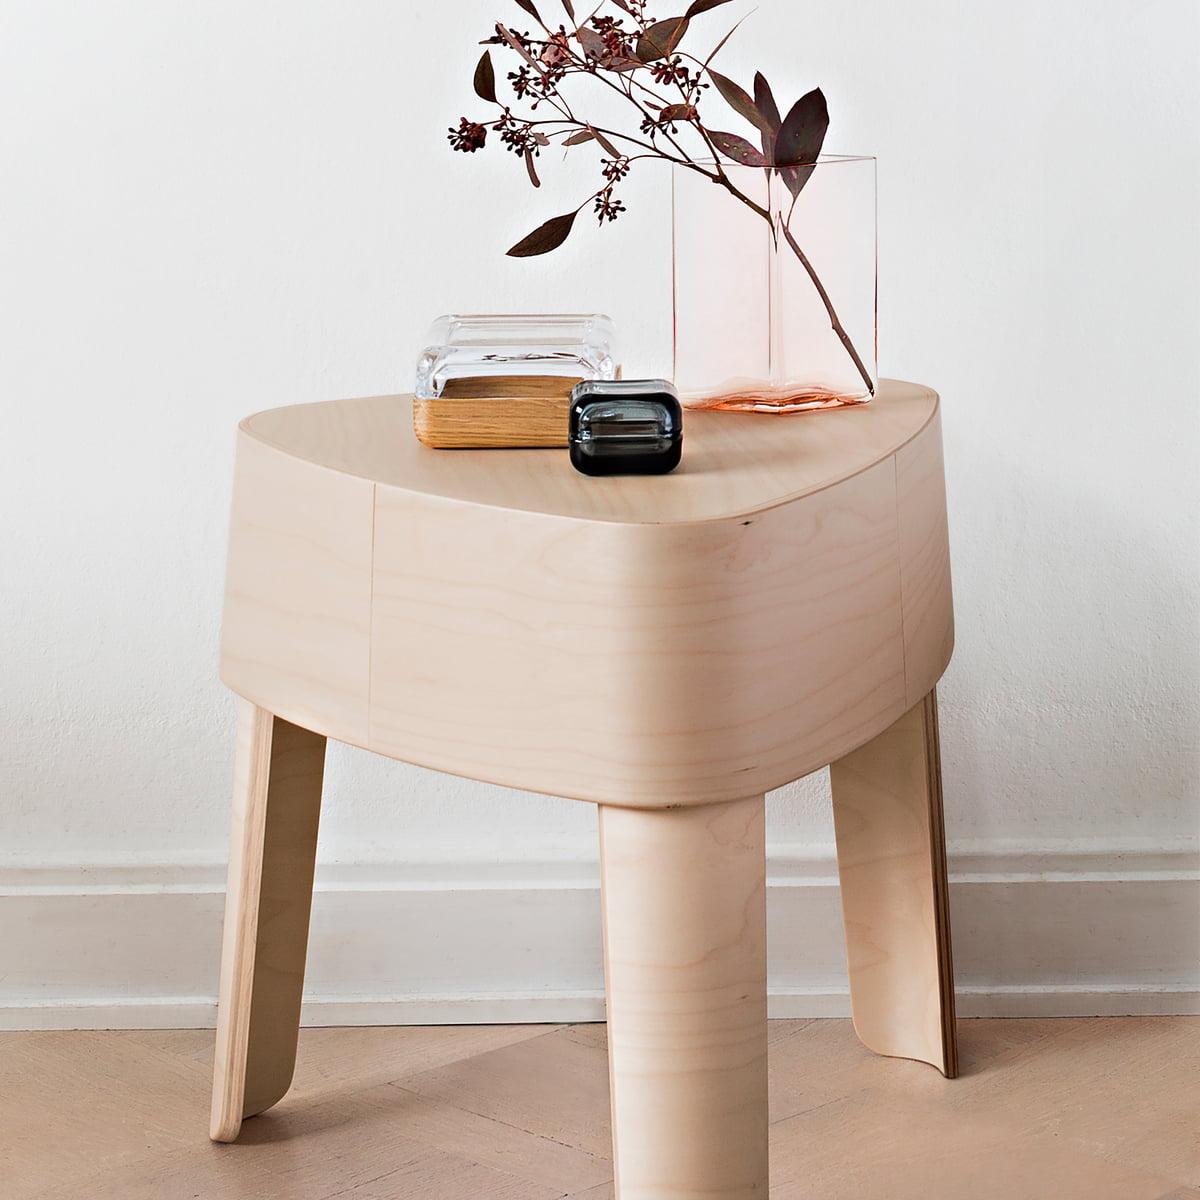 Plektra stool von iittala im shop